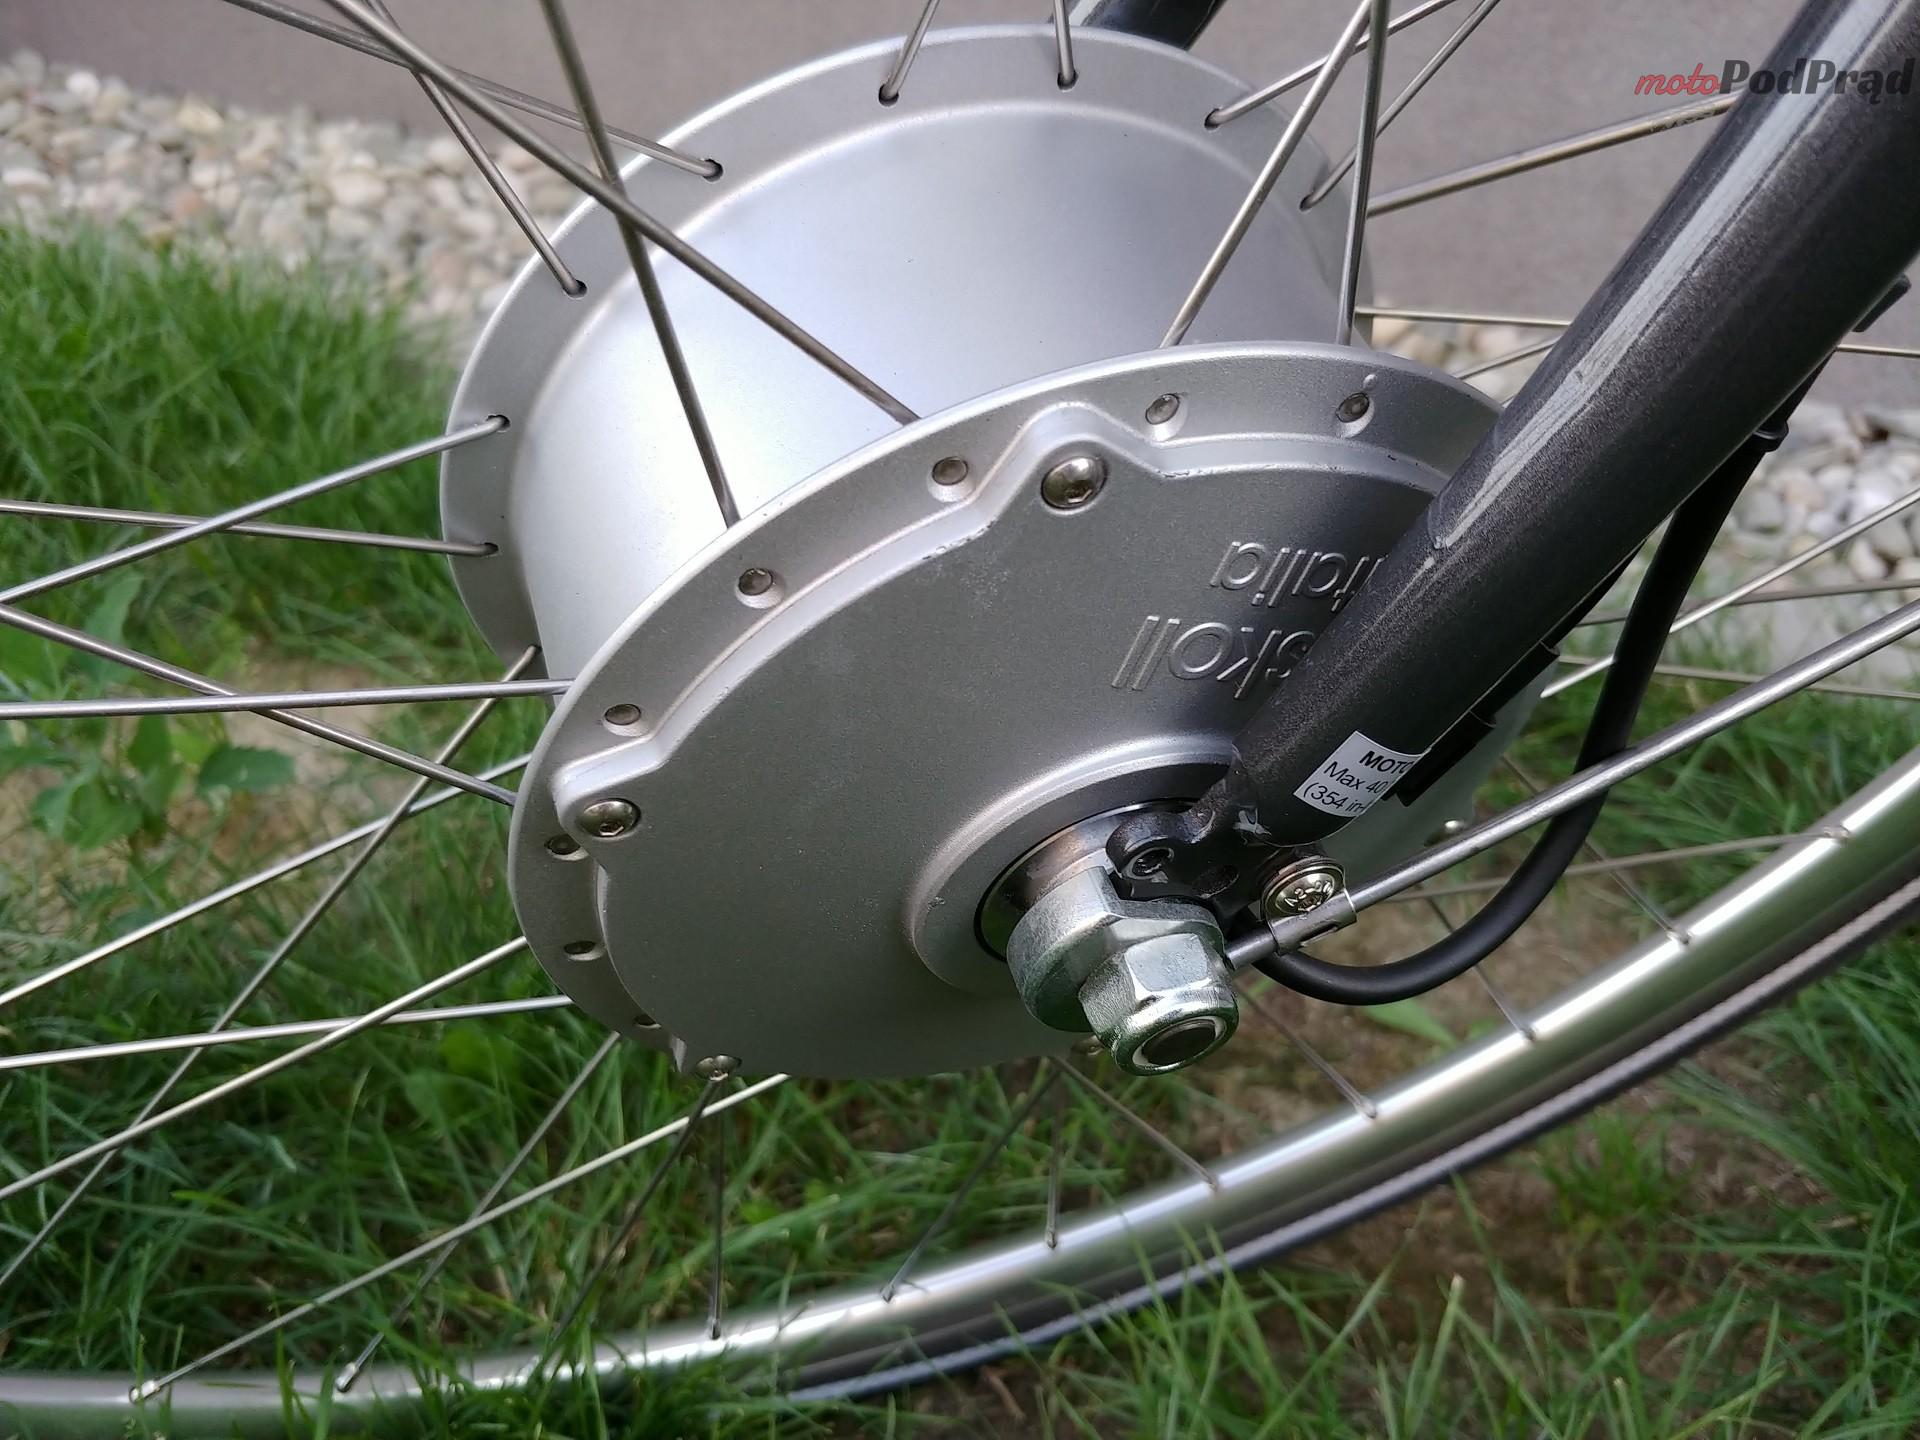 Askoll 22 Niedziela na elektrycznym rowerze   Askoll EB1 i EB2